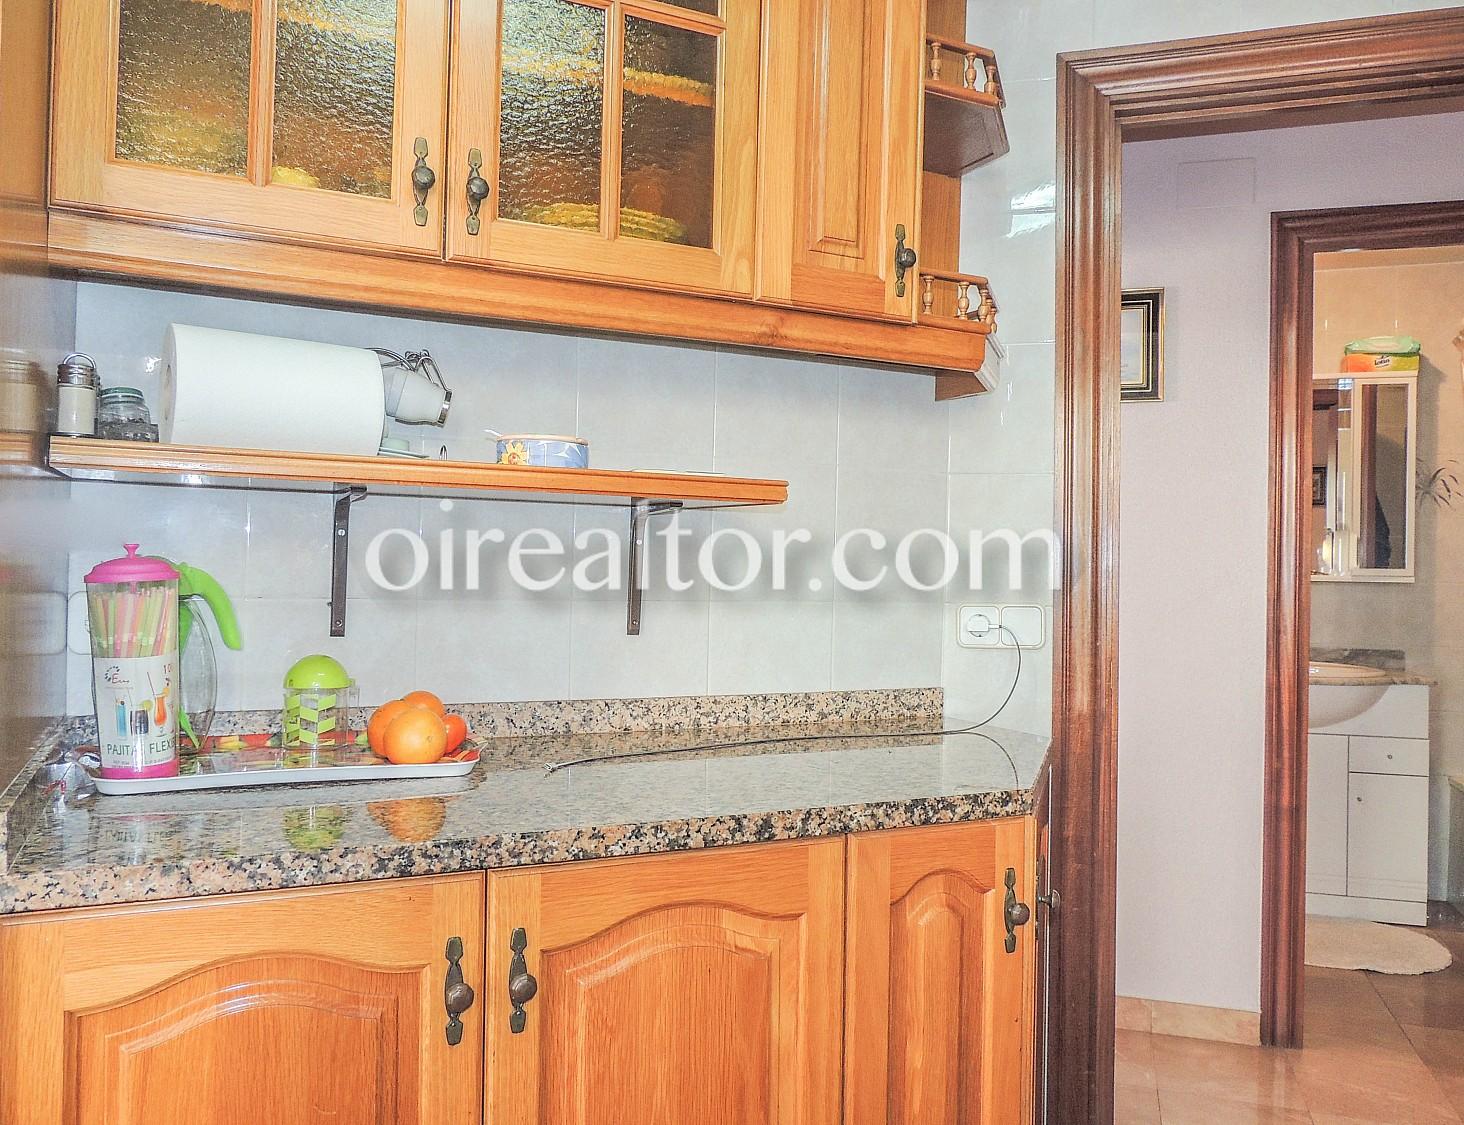 Продается квартира в Льорет-де-Мар